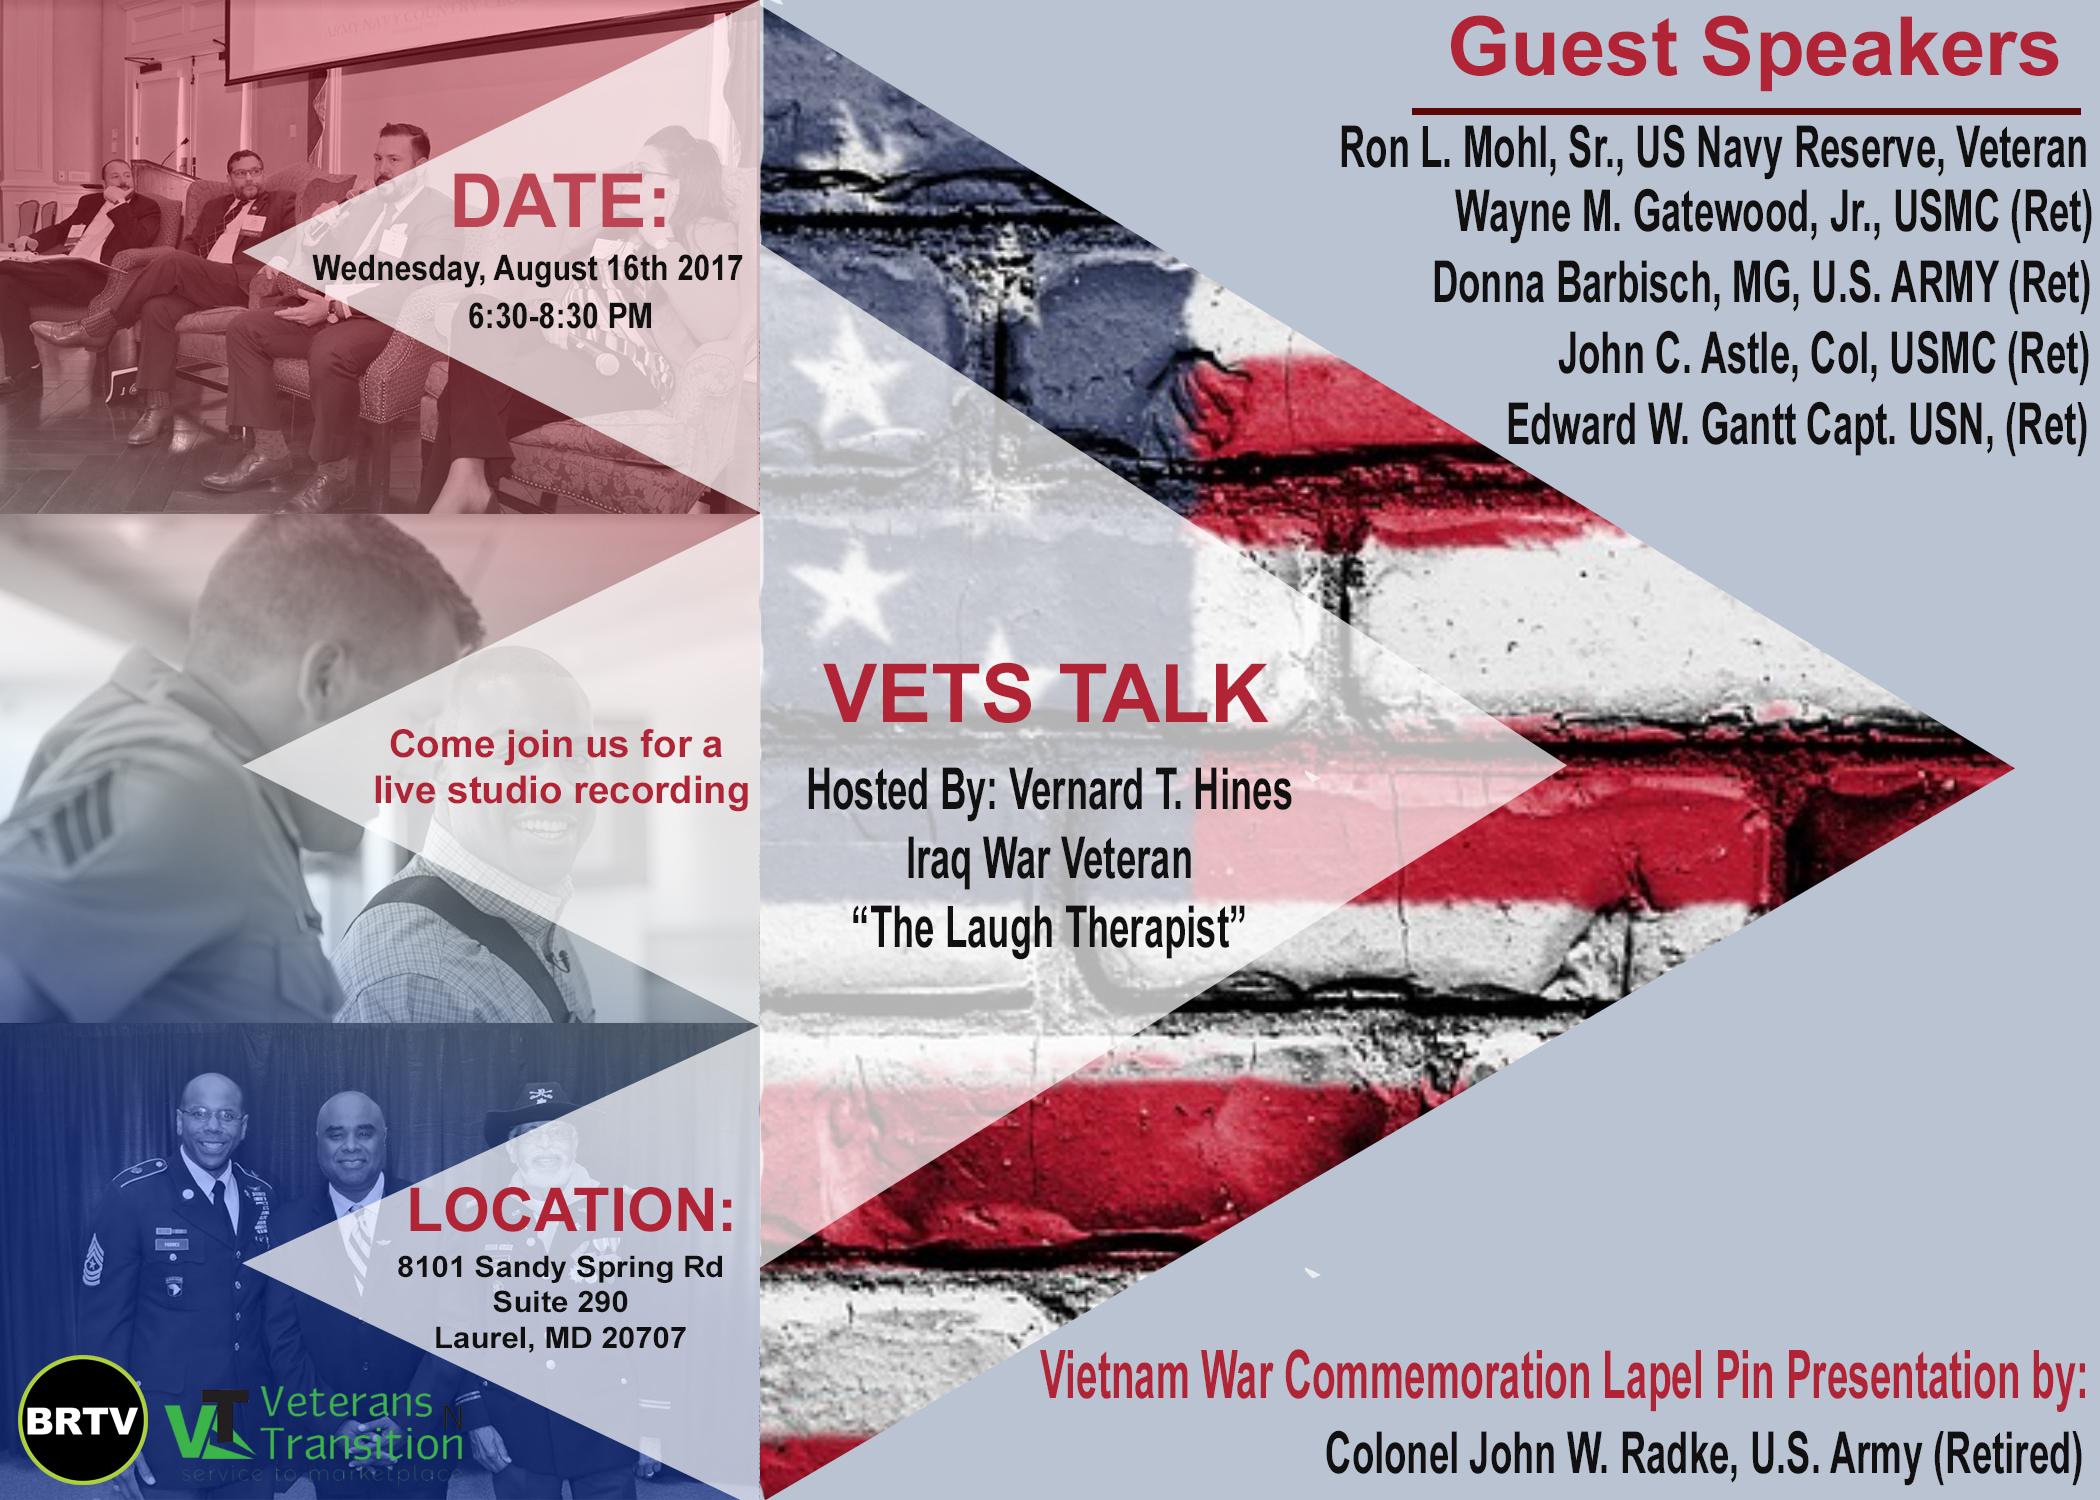 Vets Talk Flyer 8.16.17